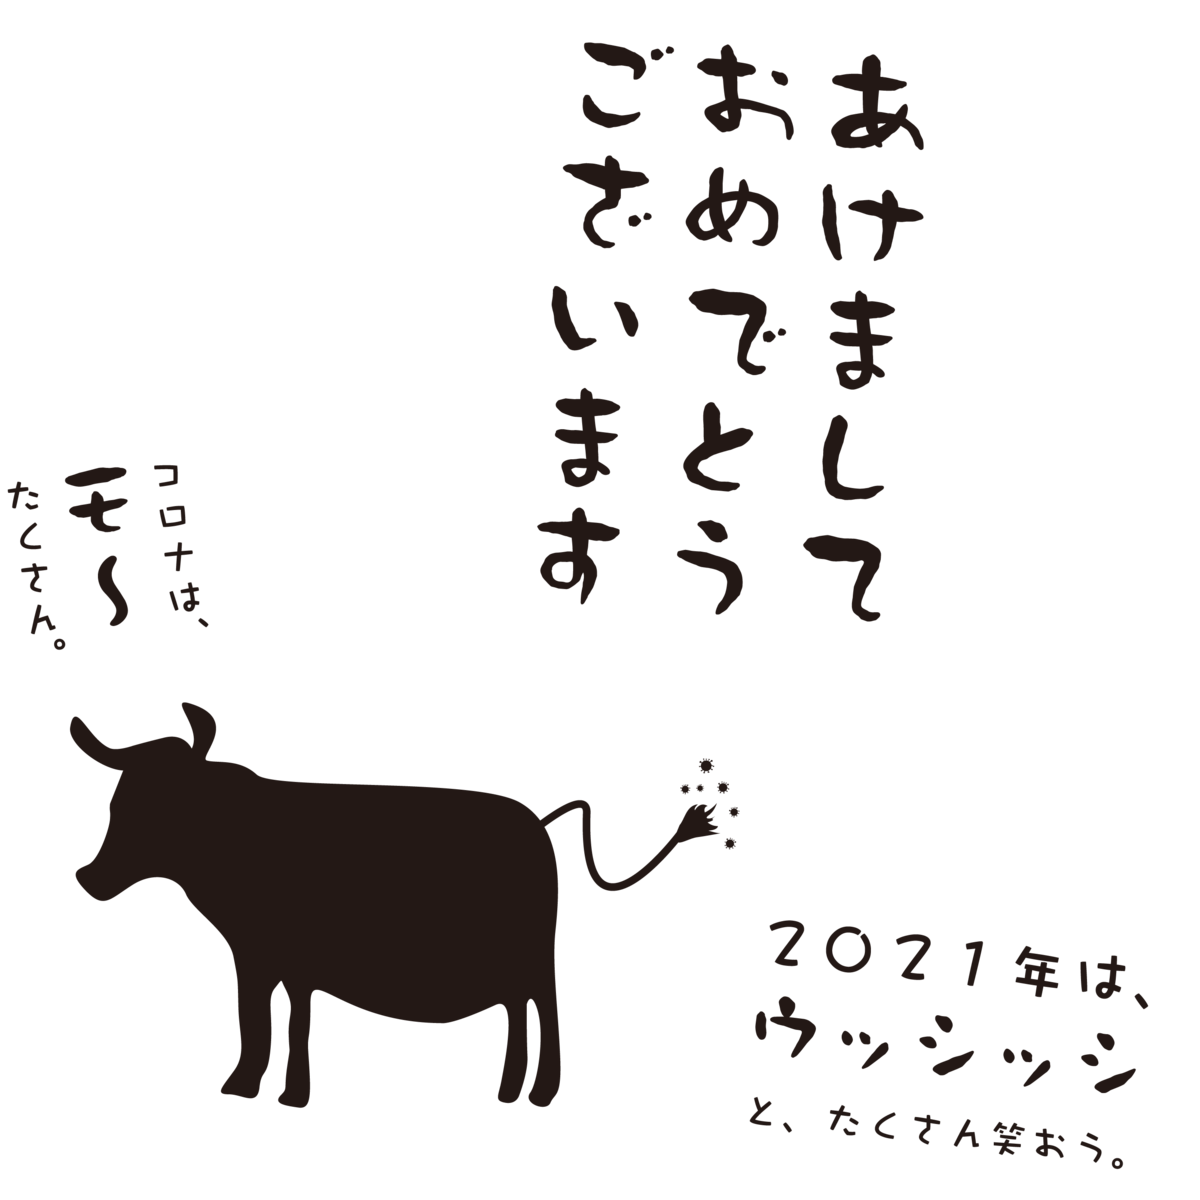 f:id:mojiru:20201221090537p:plain